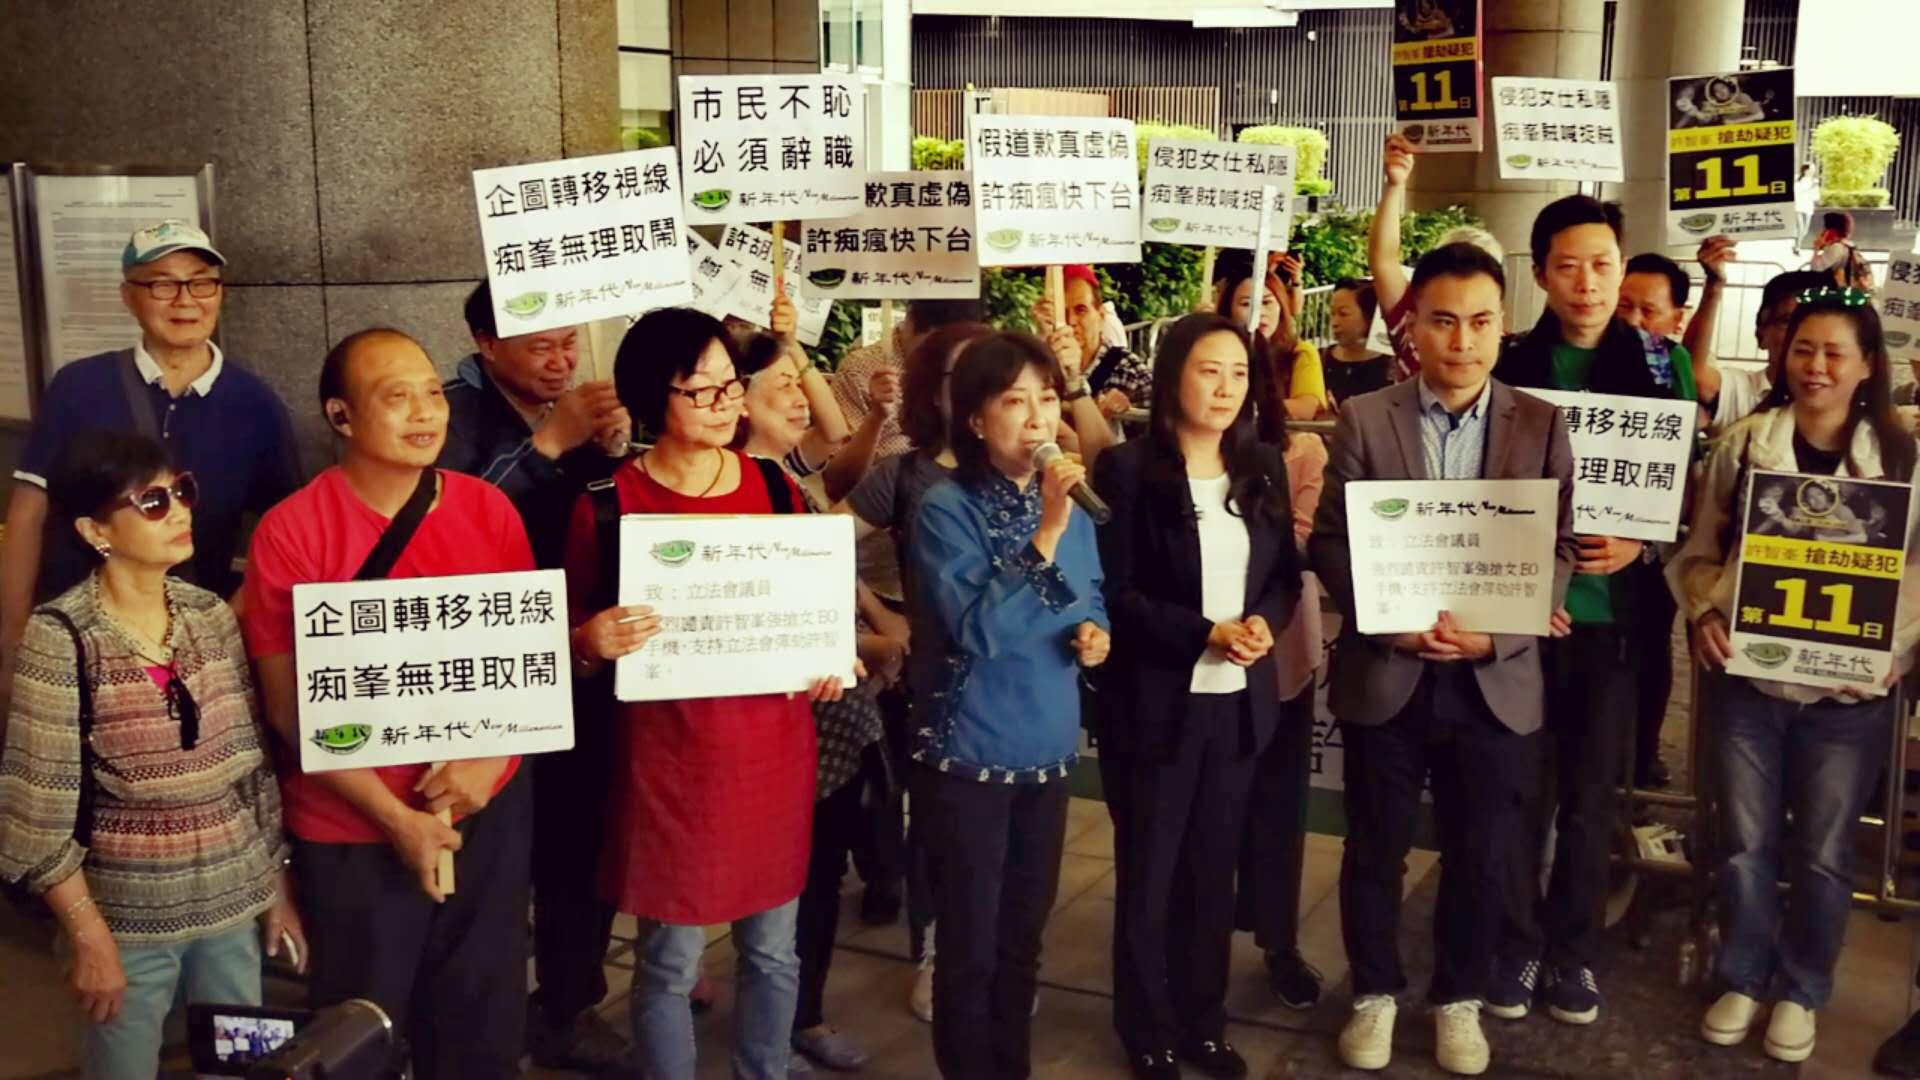 團體示威促彈劾許智峯 諷似林子健釘大髀翻版